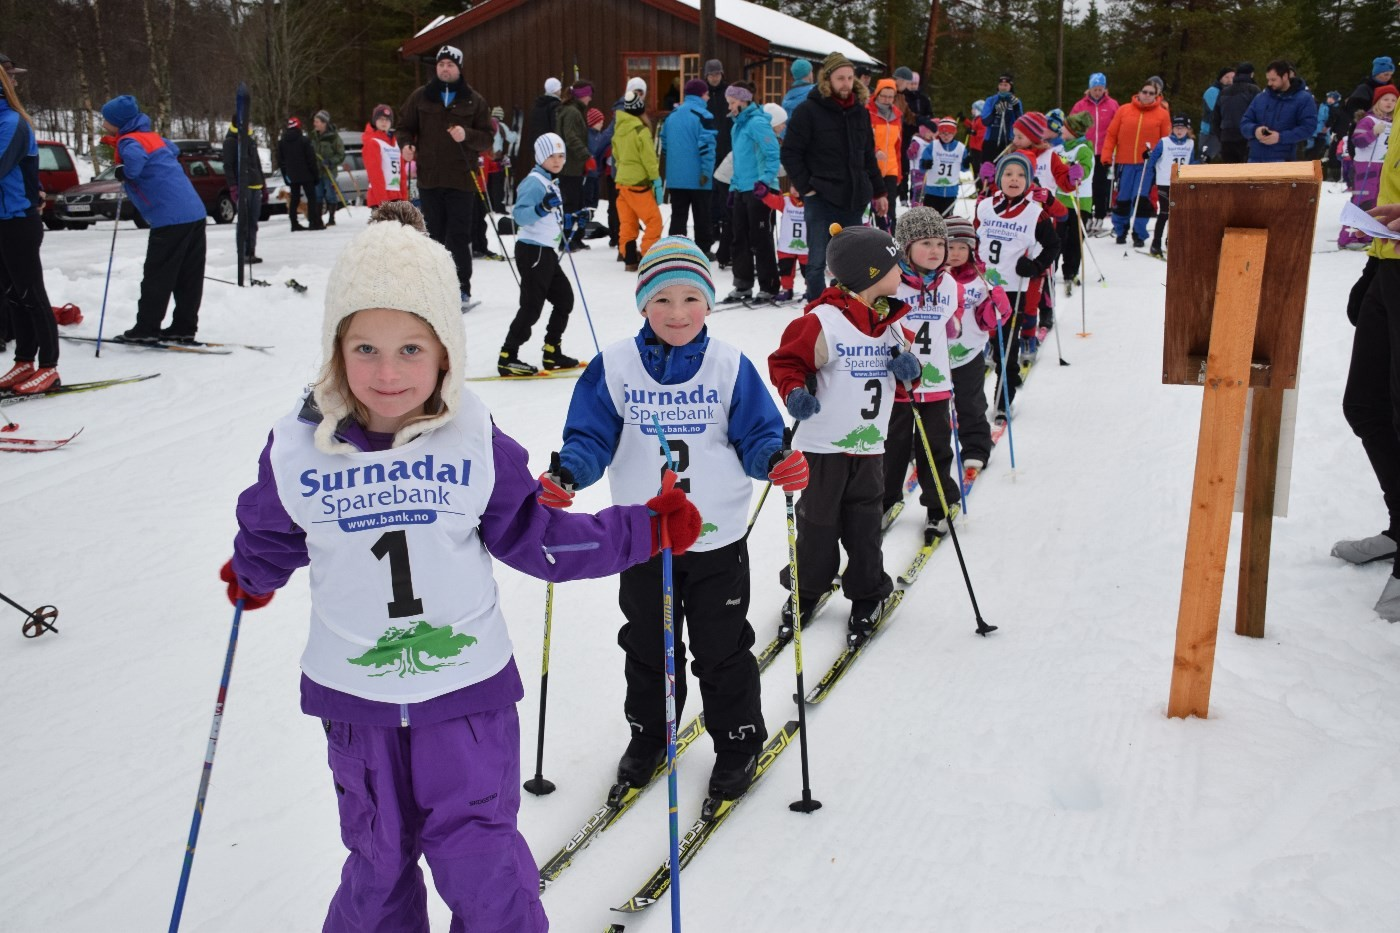 Marte, med startnummer 1 er klar til start på årets første sonerenn på vang. Foto: Driva/Jon Olav Ørsal